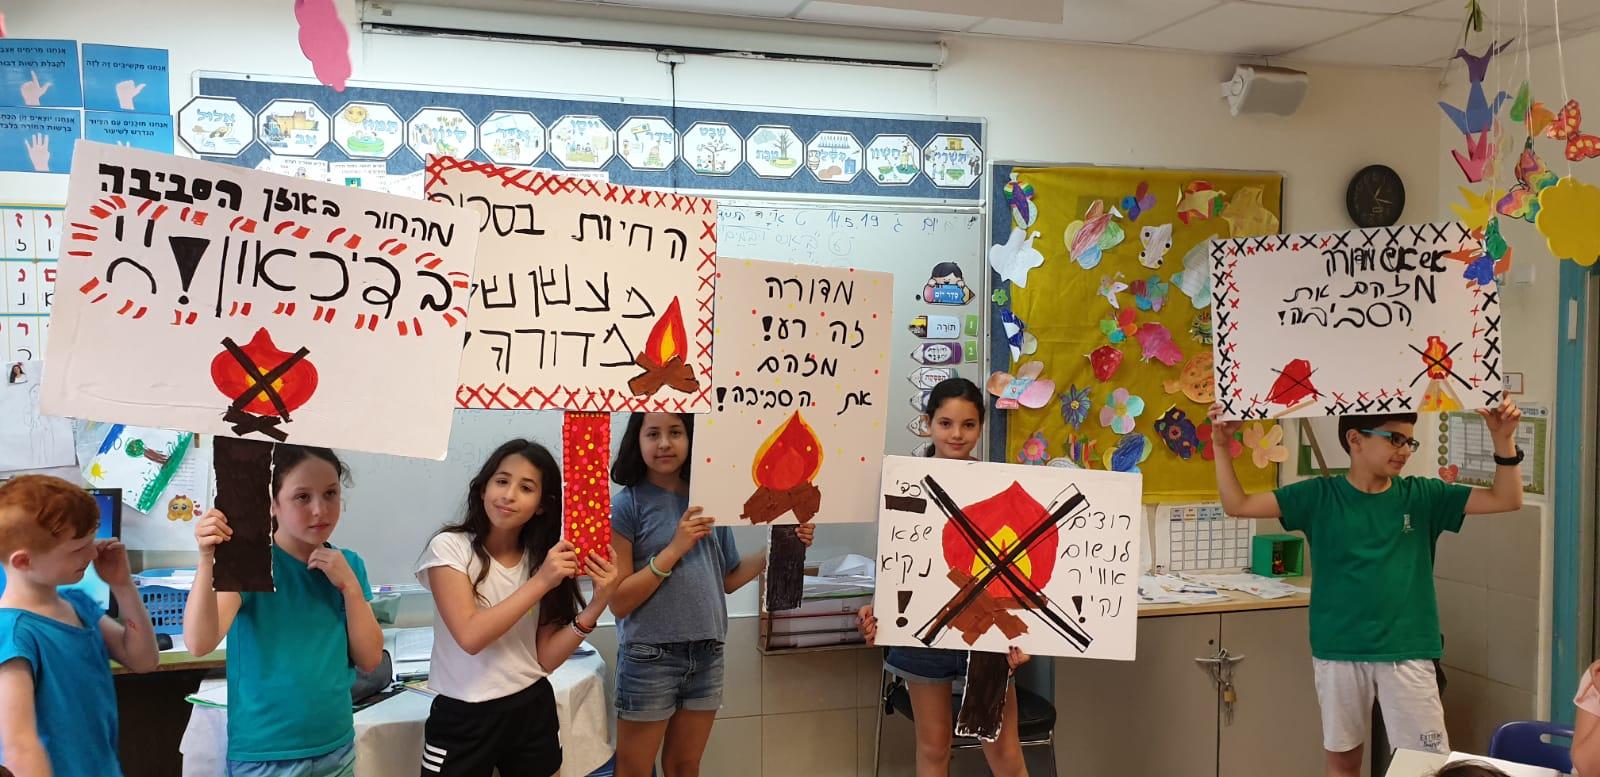 כרזות שהכינו תלמידים מהנדיב. צילום באדיבות העירייה